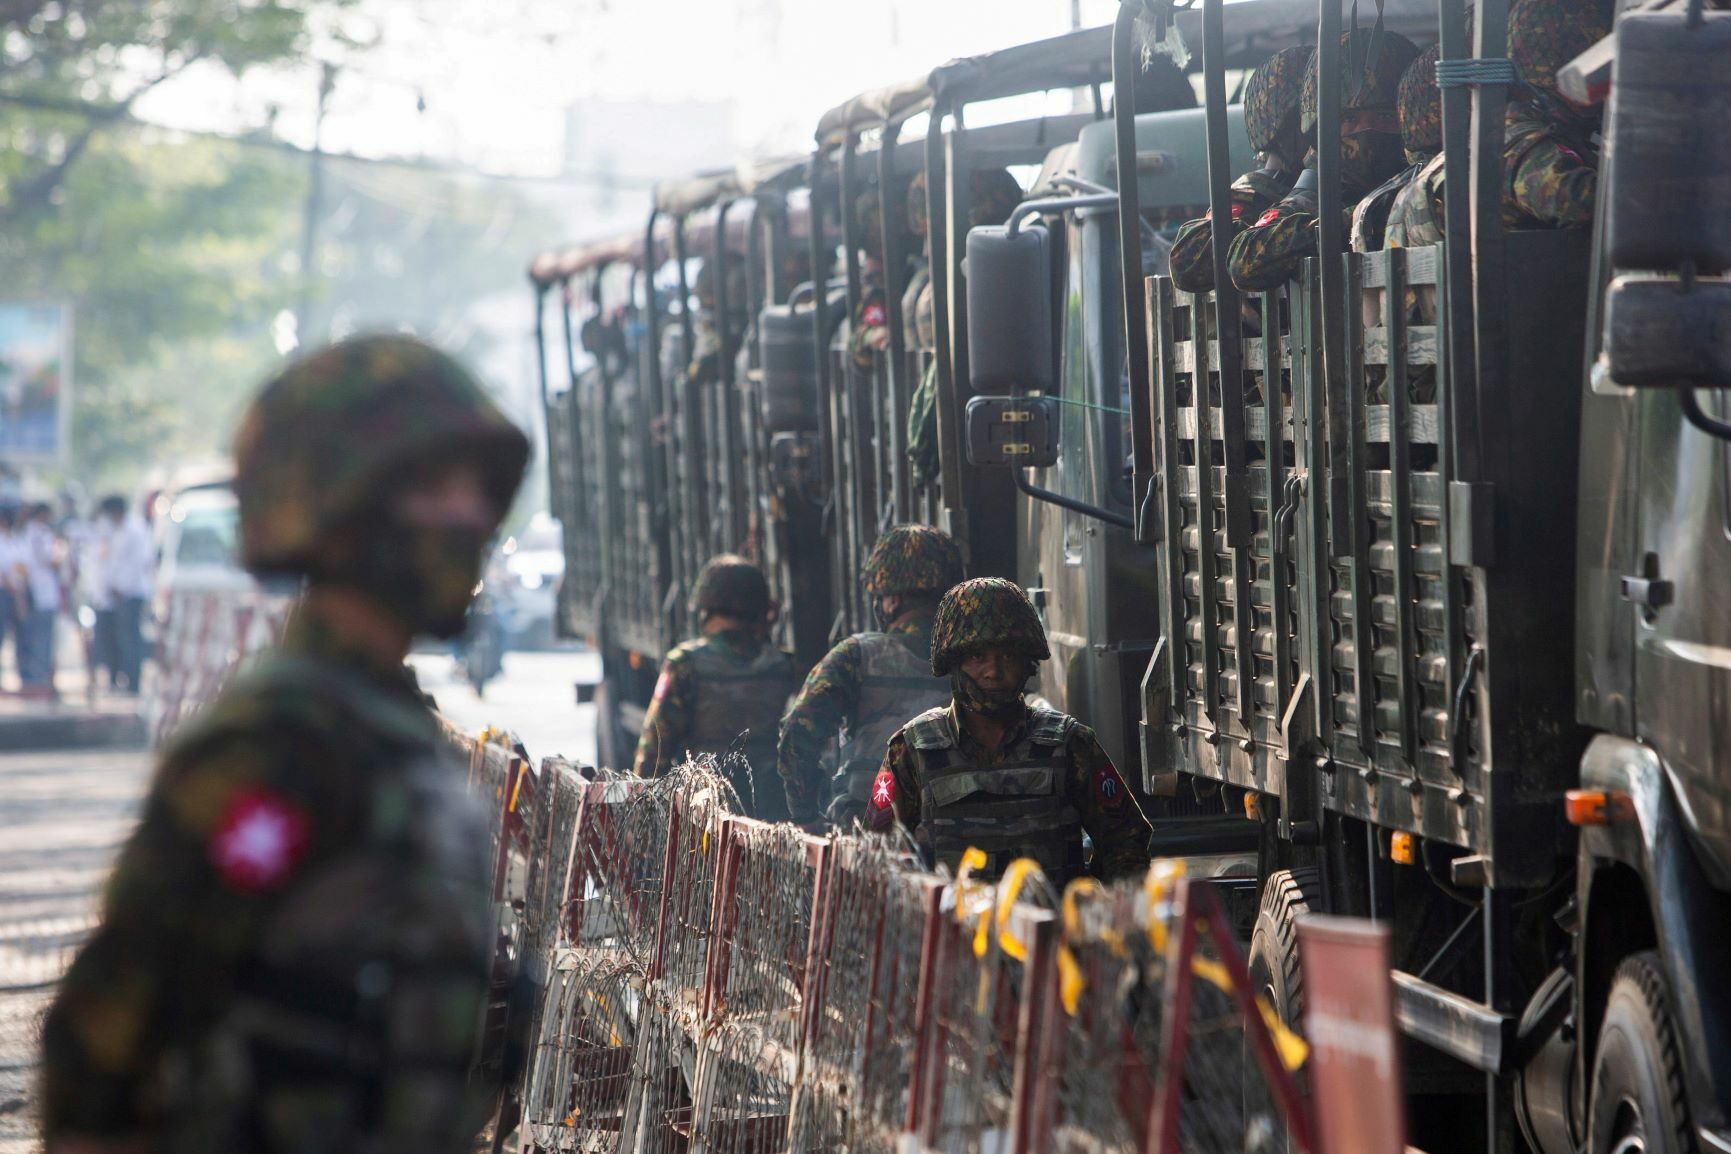 เผยรบ.ทหารเมียนมา เห็นพ้องหยุดยิง ตามคำขออาเซียน เพื่อนำส่งความช่วยเหลือด้านมนุษยธรรม